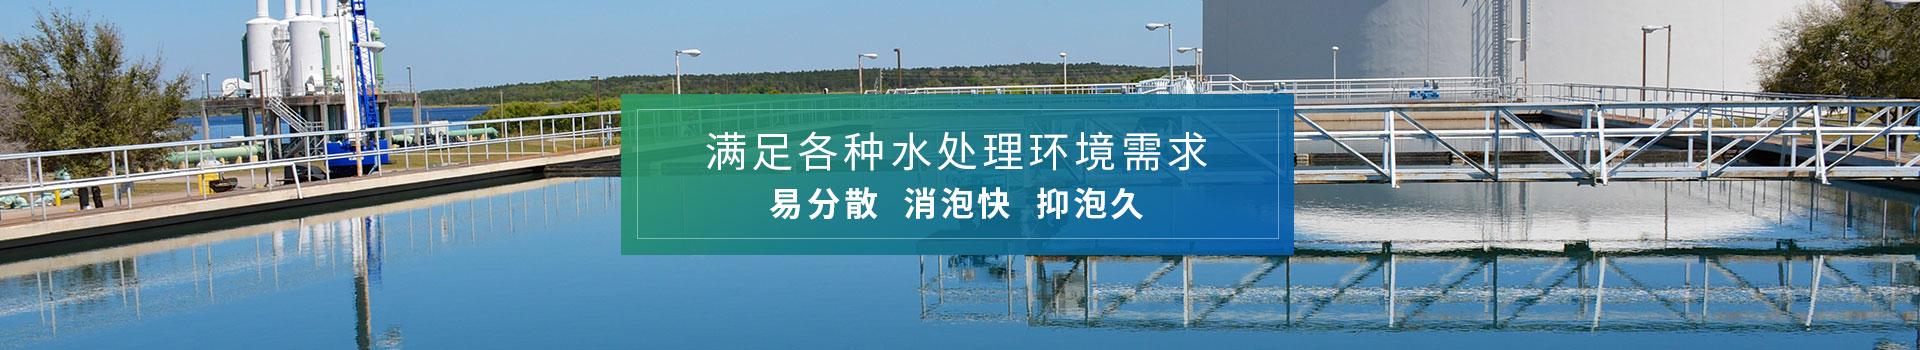 泡立消水处理消泡剂满足各种水处理环境需求